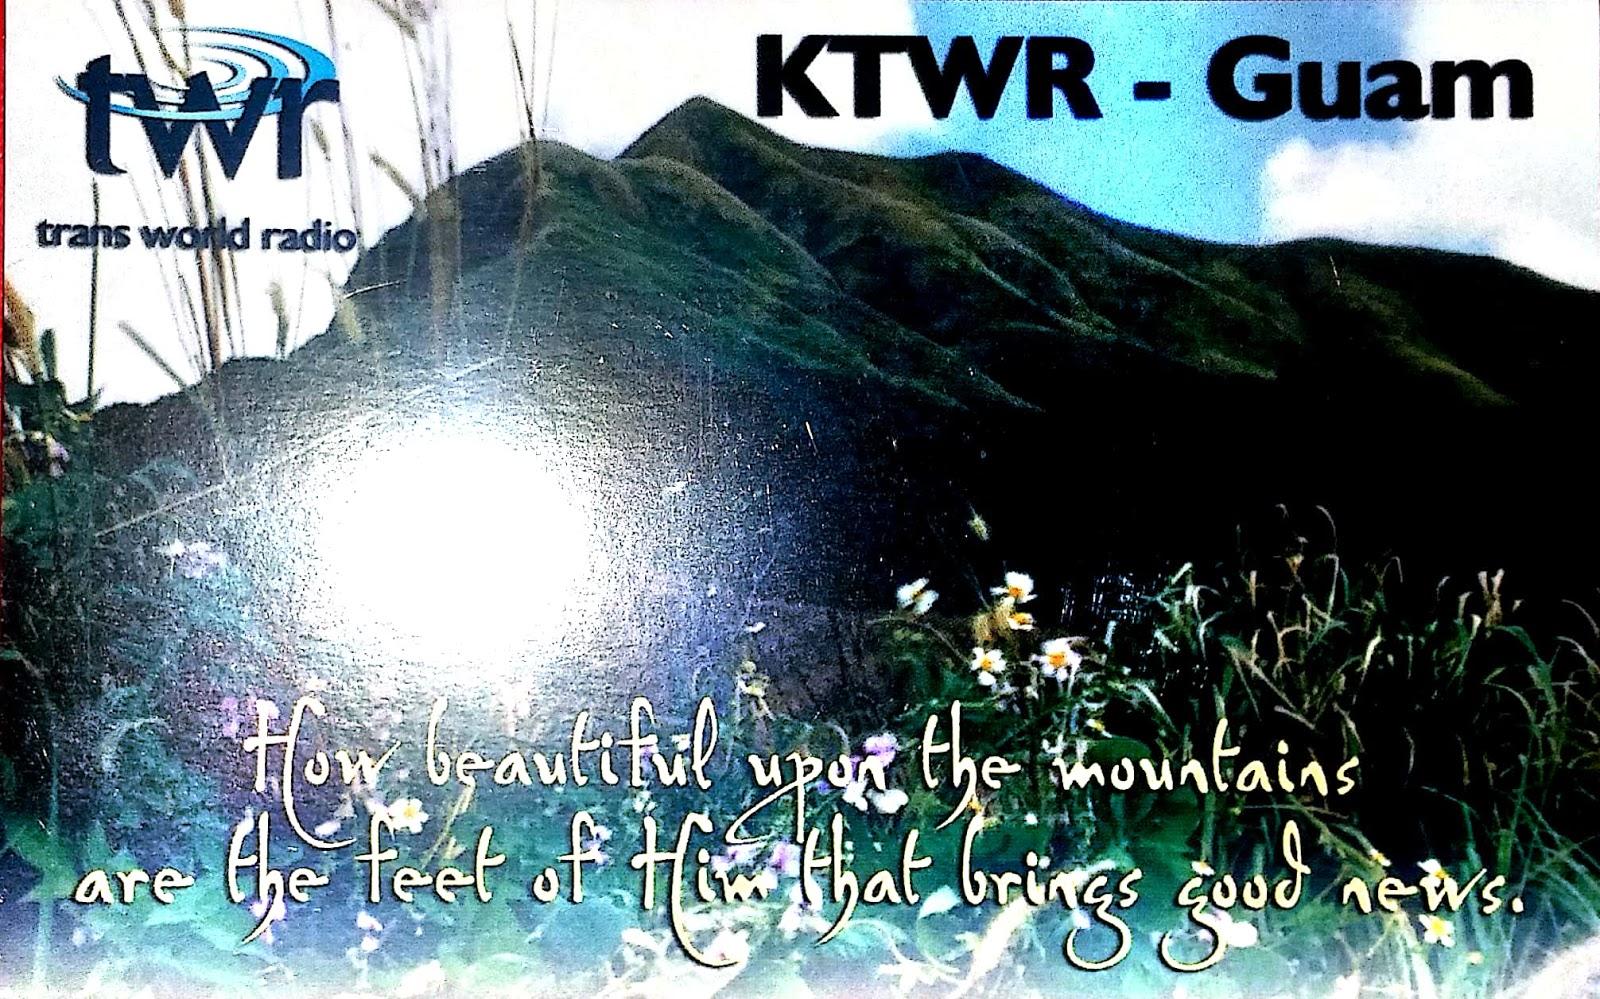 KTWR QSL